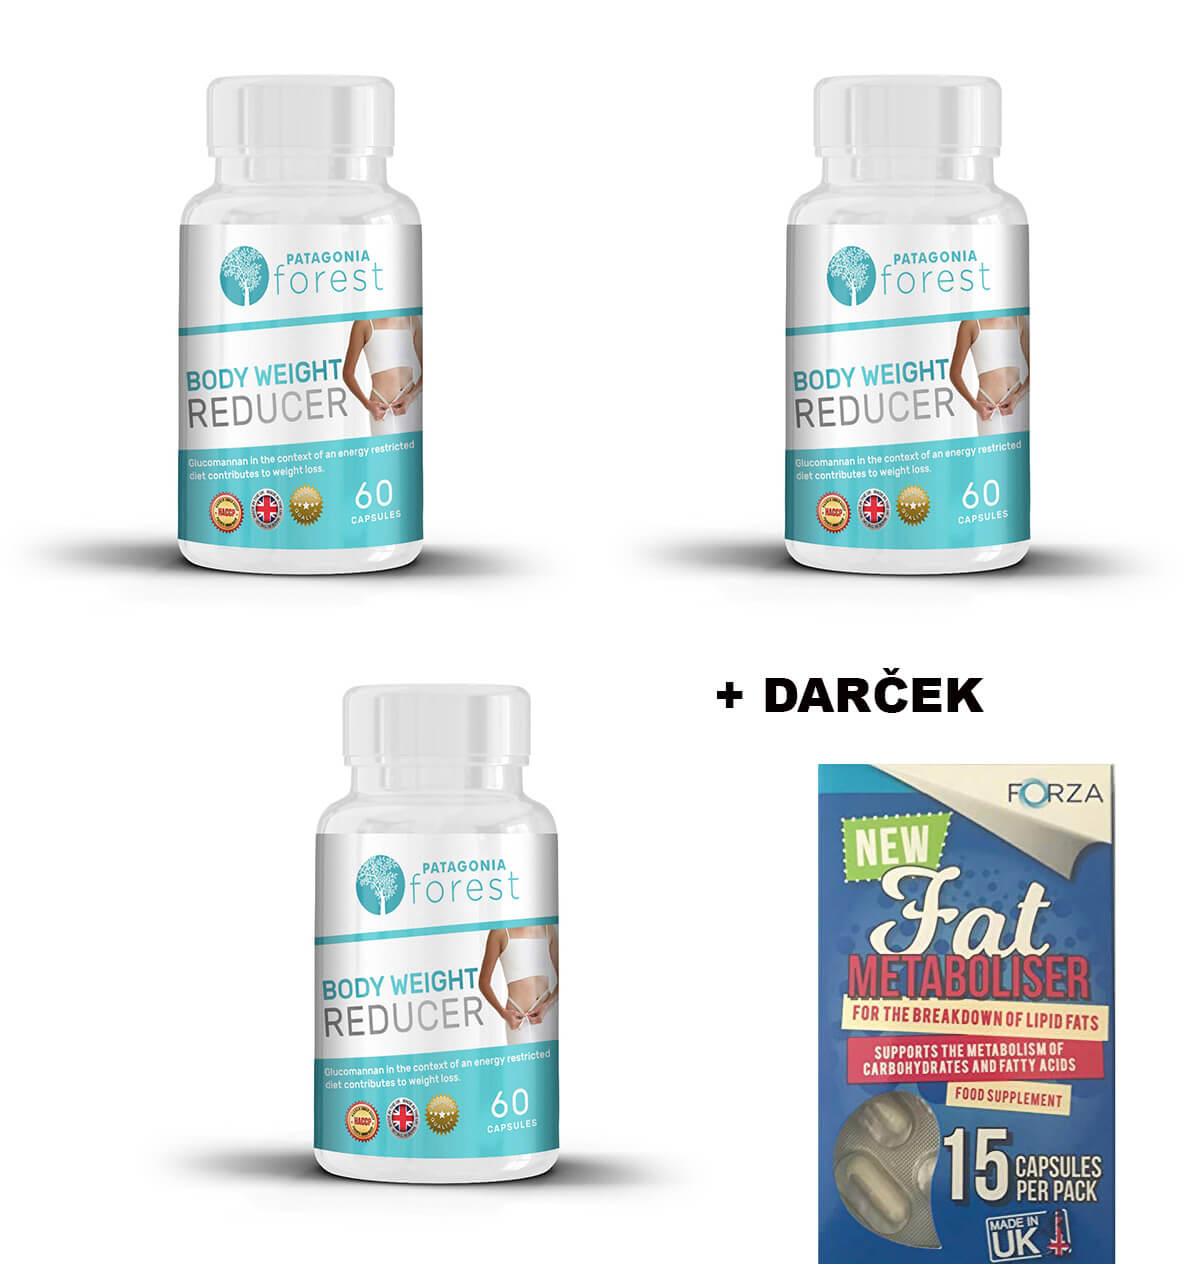 Patagonia Forest Body weight reducer - prírodná redukcia telesného tuku 3x 60 kapsúl + DARČEK Fat Metaboliser 15 kapsúl